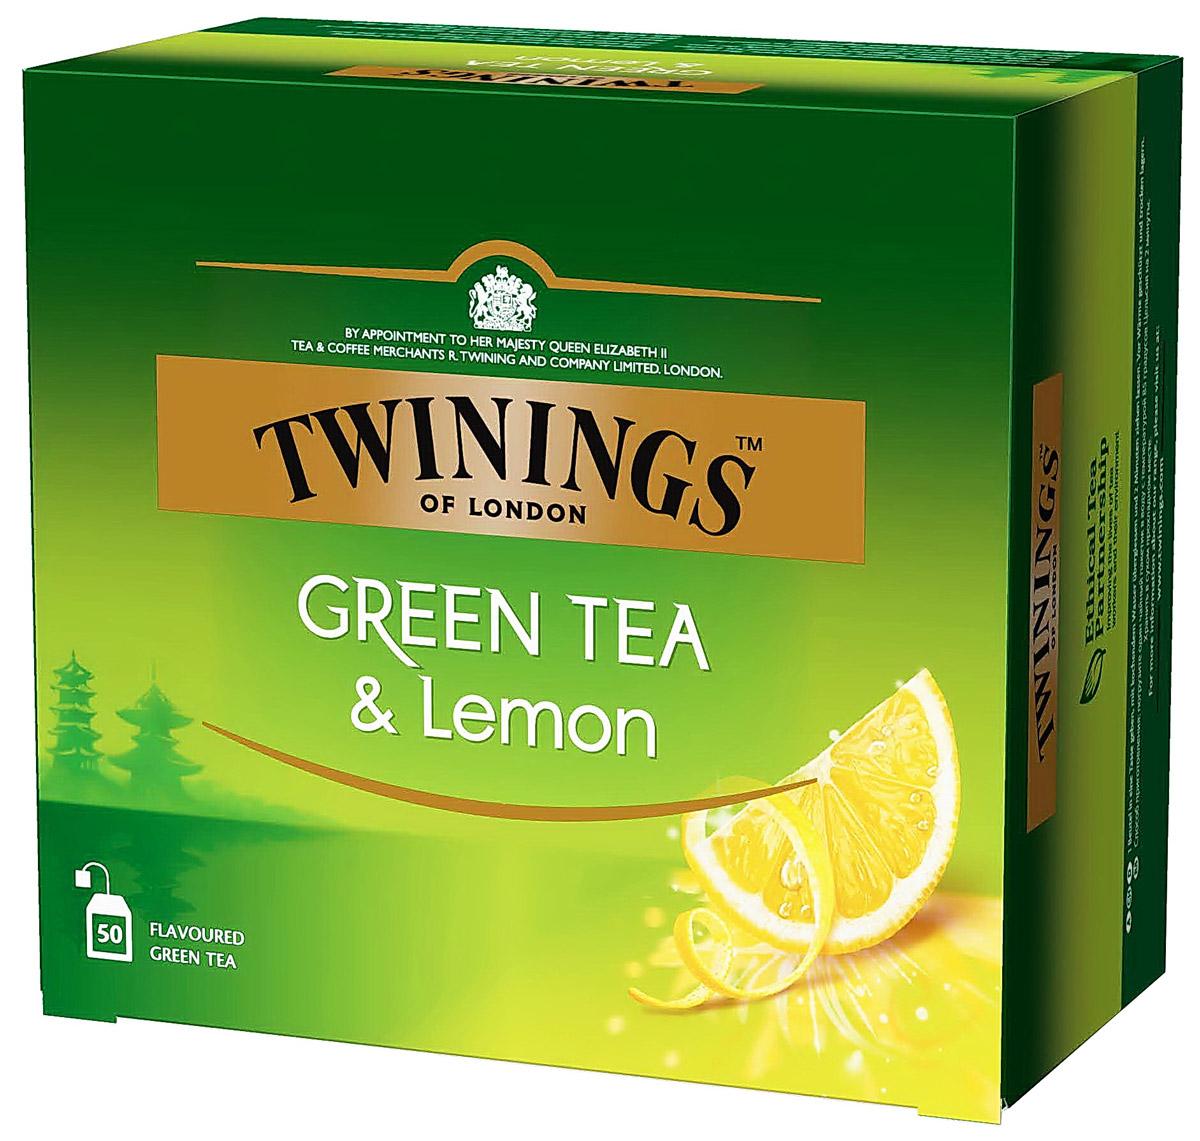 Twinings Green Tea & Lemon зеленый чай с цедрой лимона в пакетиках, 50 шт0120710Twinings Green Tea & Lemon - уникальная смесь зеленого чая с добавлением лимонной цедры.Уважаемые клиенты! Обращаем ваше внимание на то, что упаковка может иметь несколько видов дизайна. Поставка осуществляется в зависимости от наличия на складе.